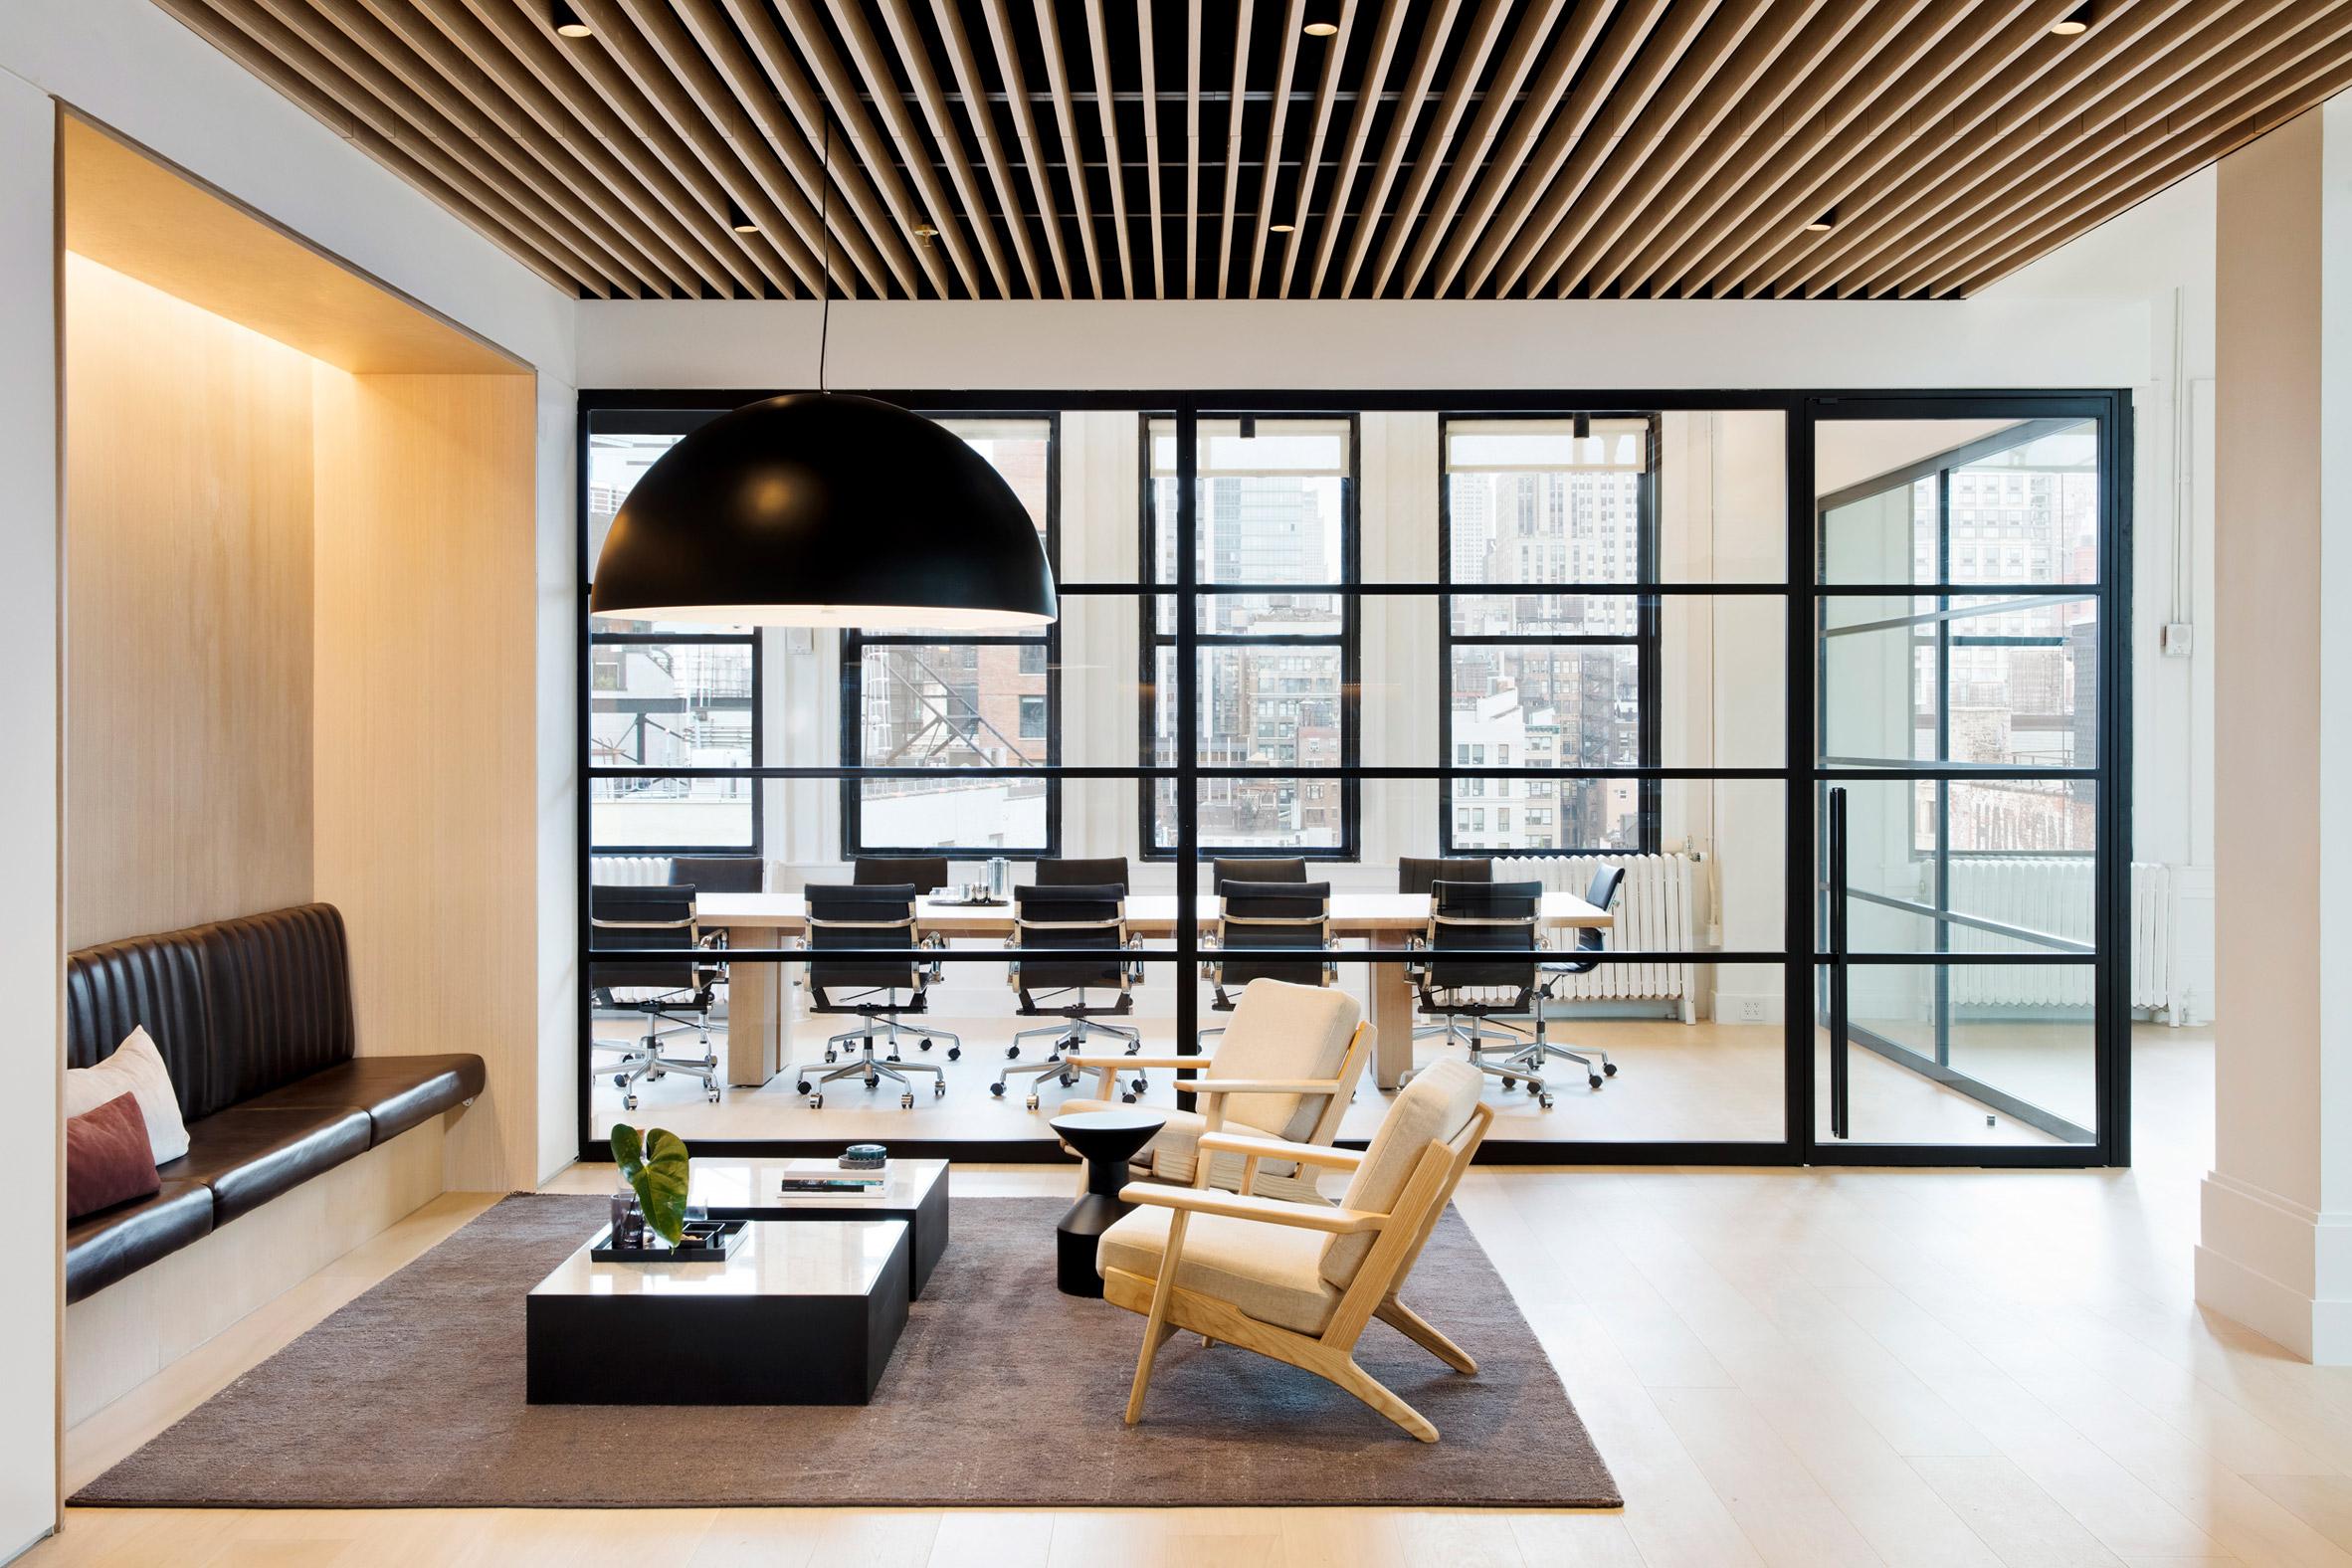 Thiết kế văn phòng hiện đại 2